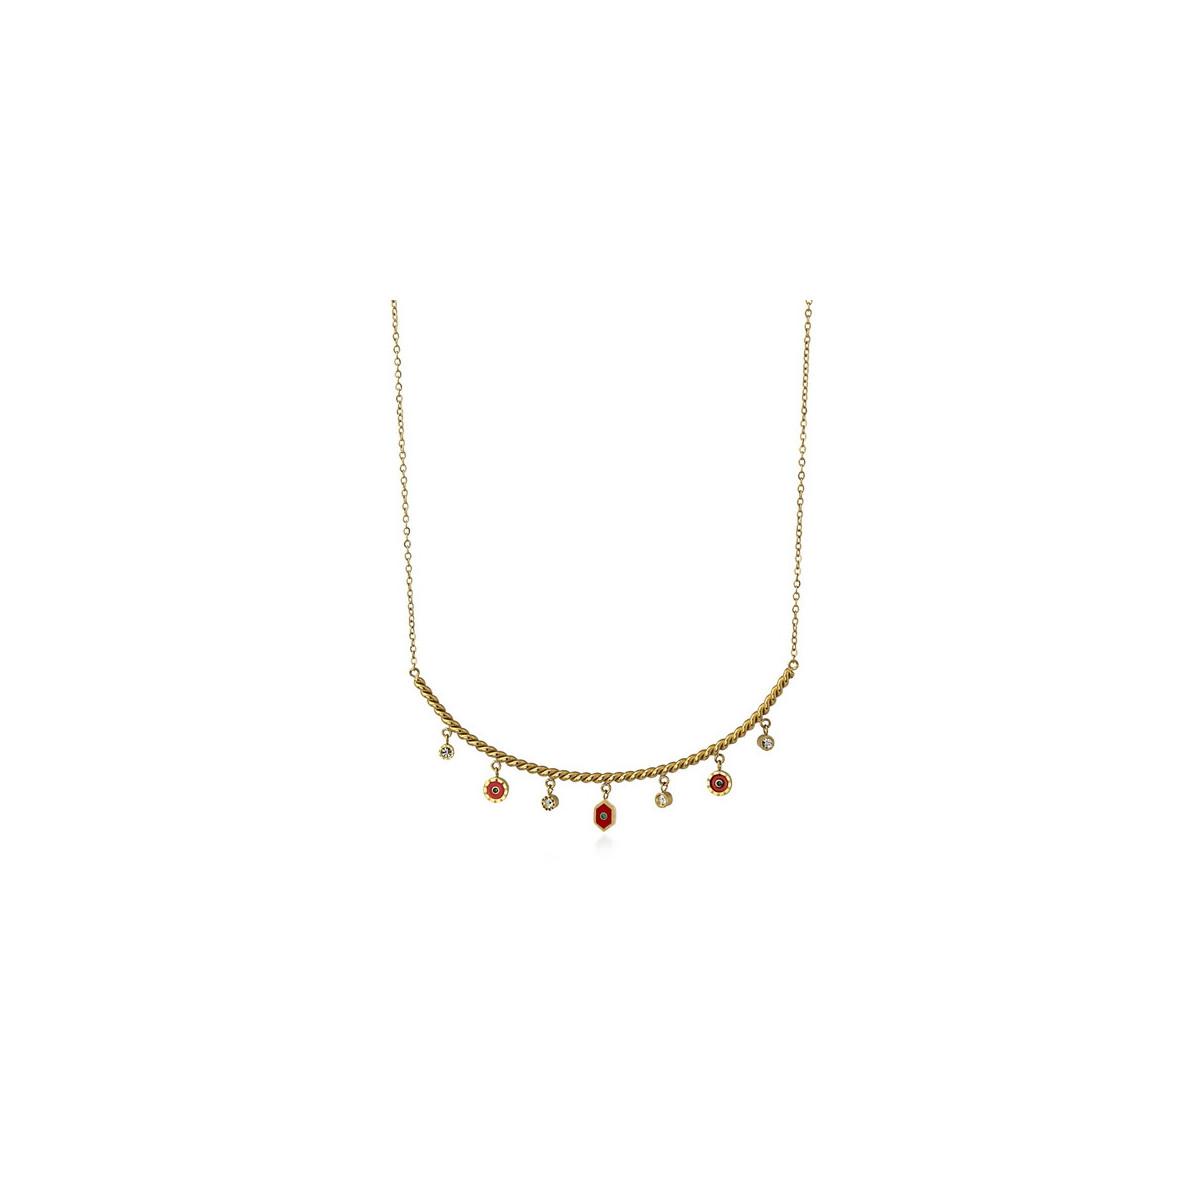 Collar Anartxy BCO145RO